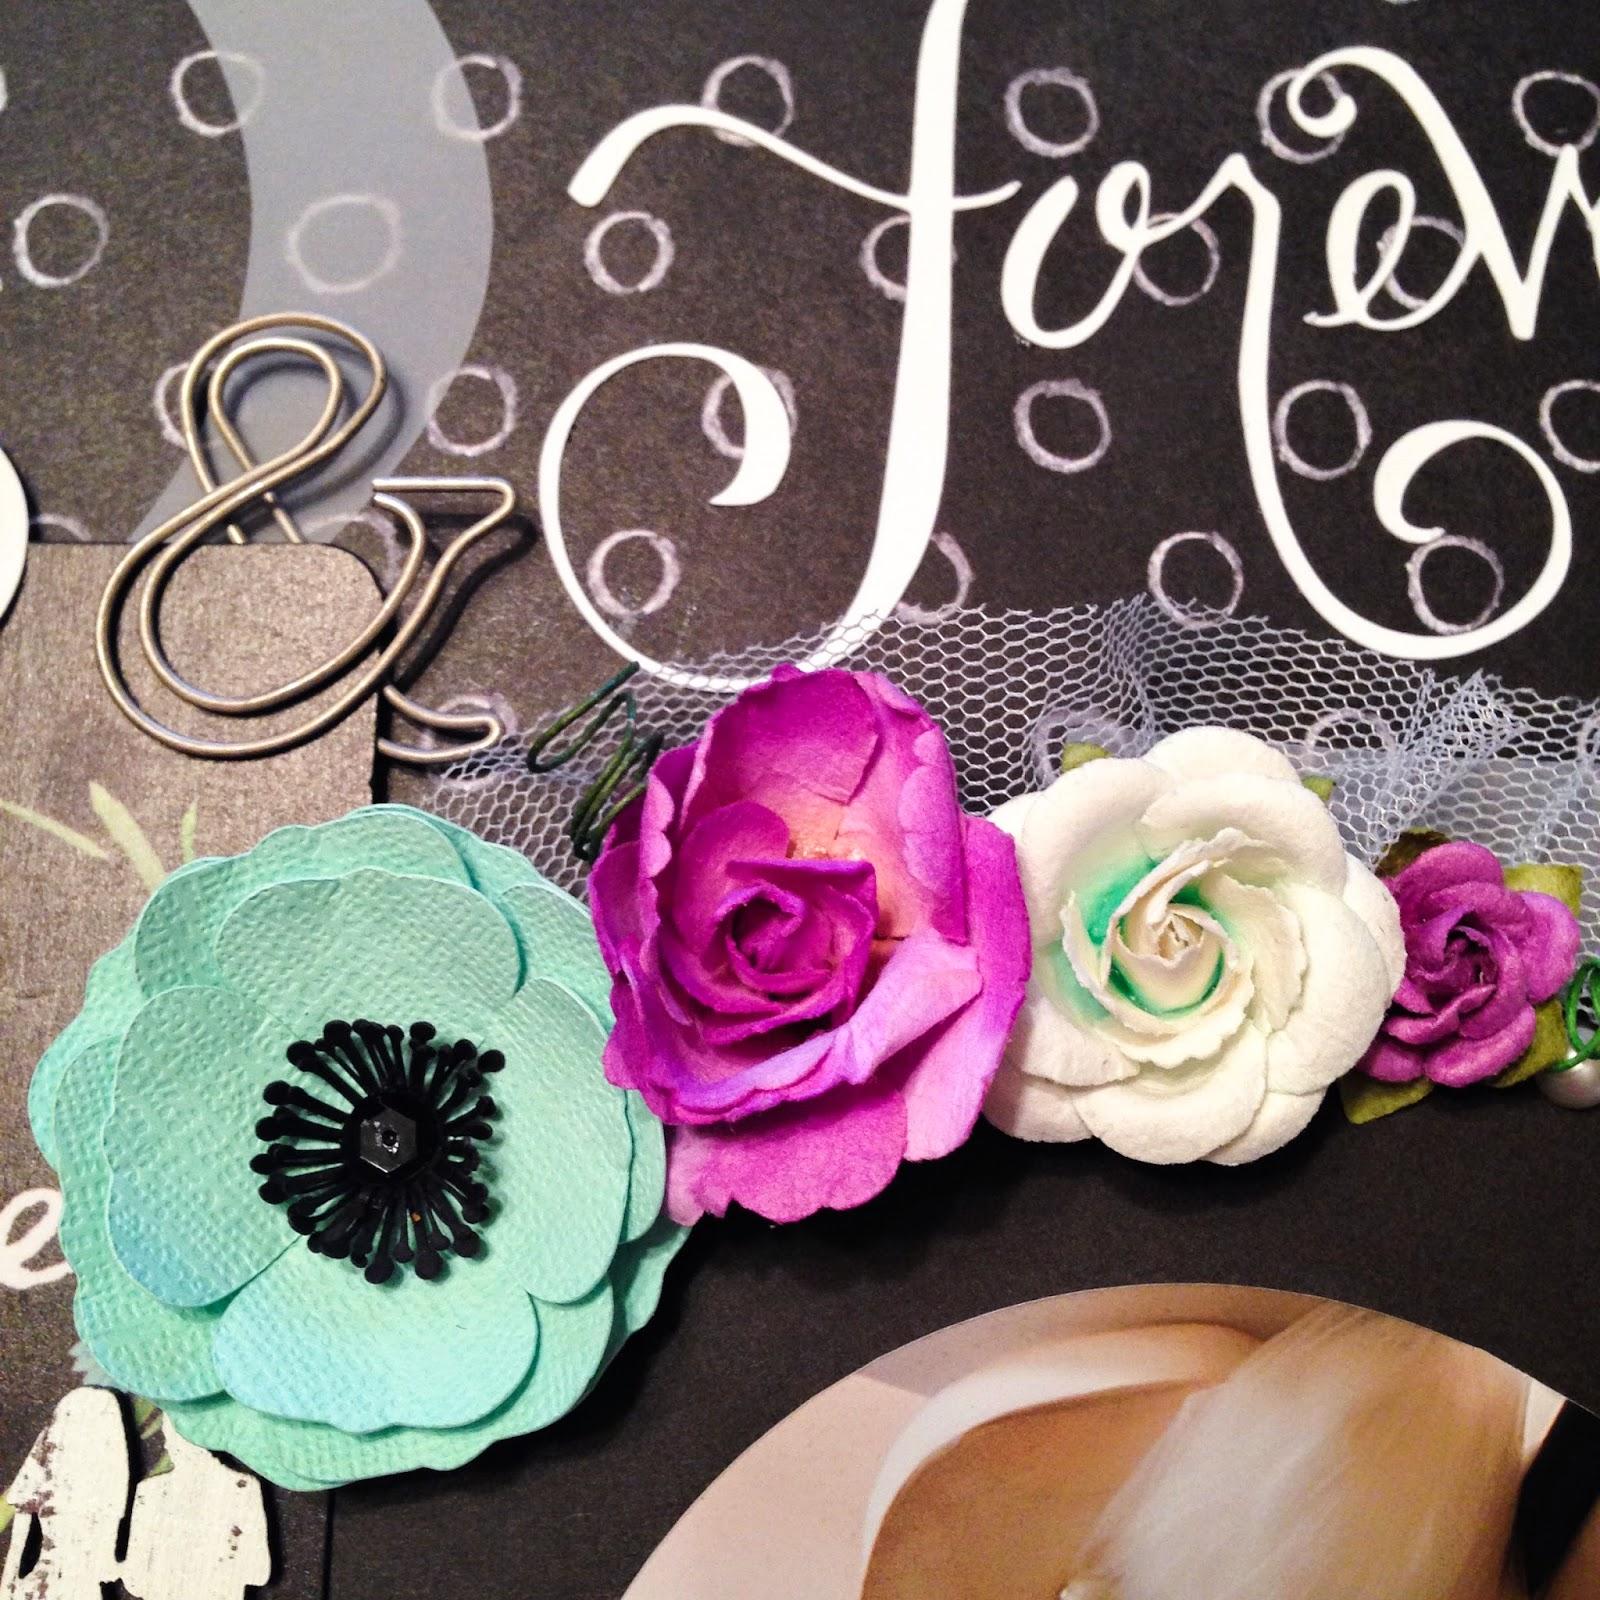 scrapbooking, custom scrapbook, wedding, love, ampersand, die cut, tulle, flowers, poppies, roses, paperclip, chalkboard, Prima Marketing, Maya Road